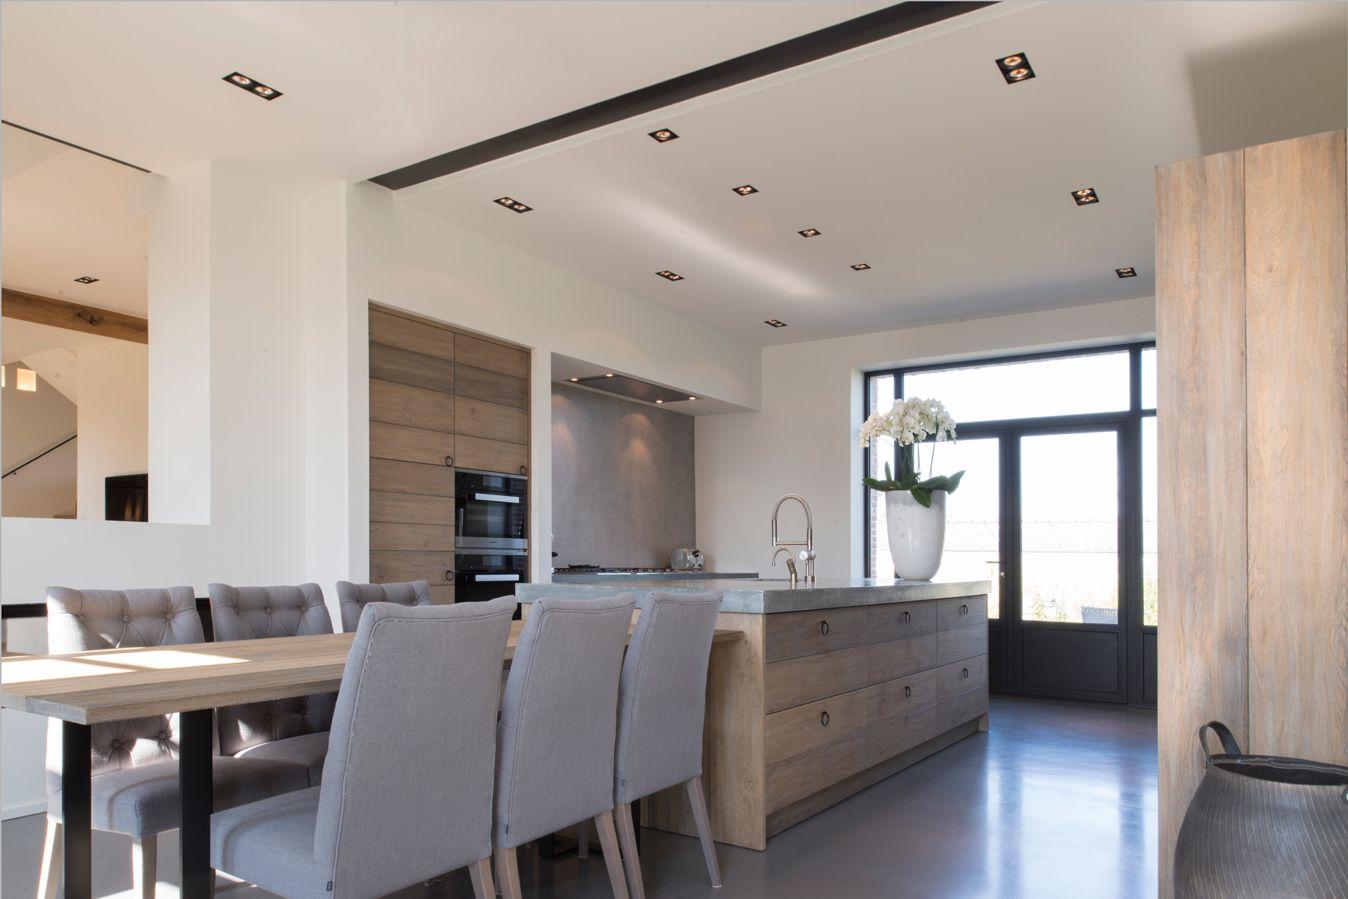 Keuken Interieur Scandinavisch : In een zeer strak interieur is deze moderne keuken een opvallend